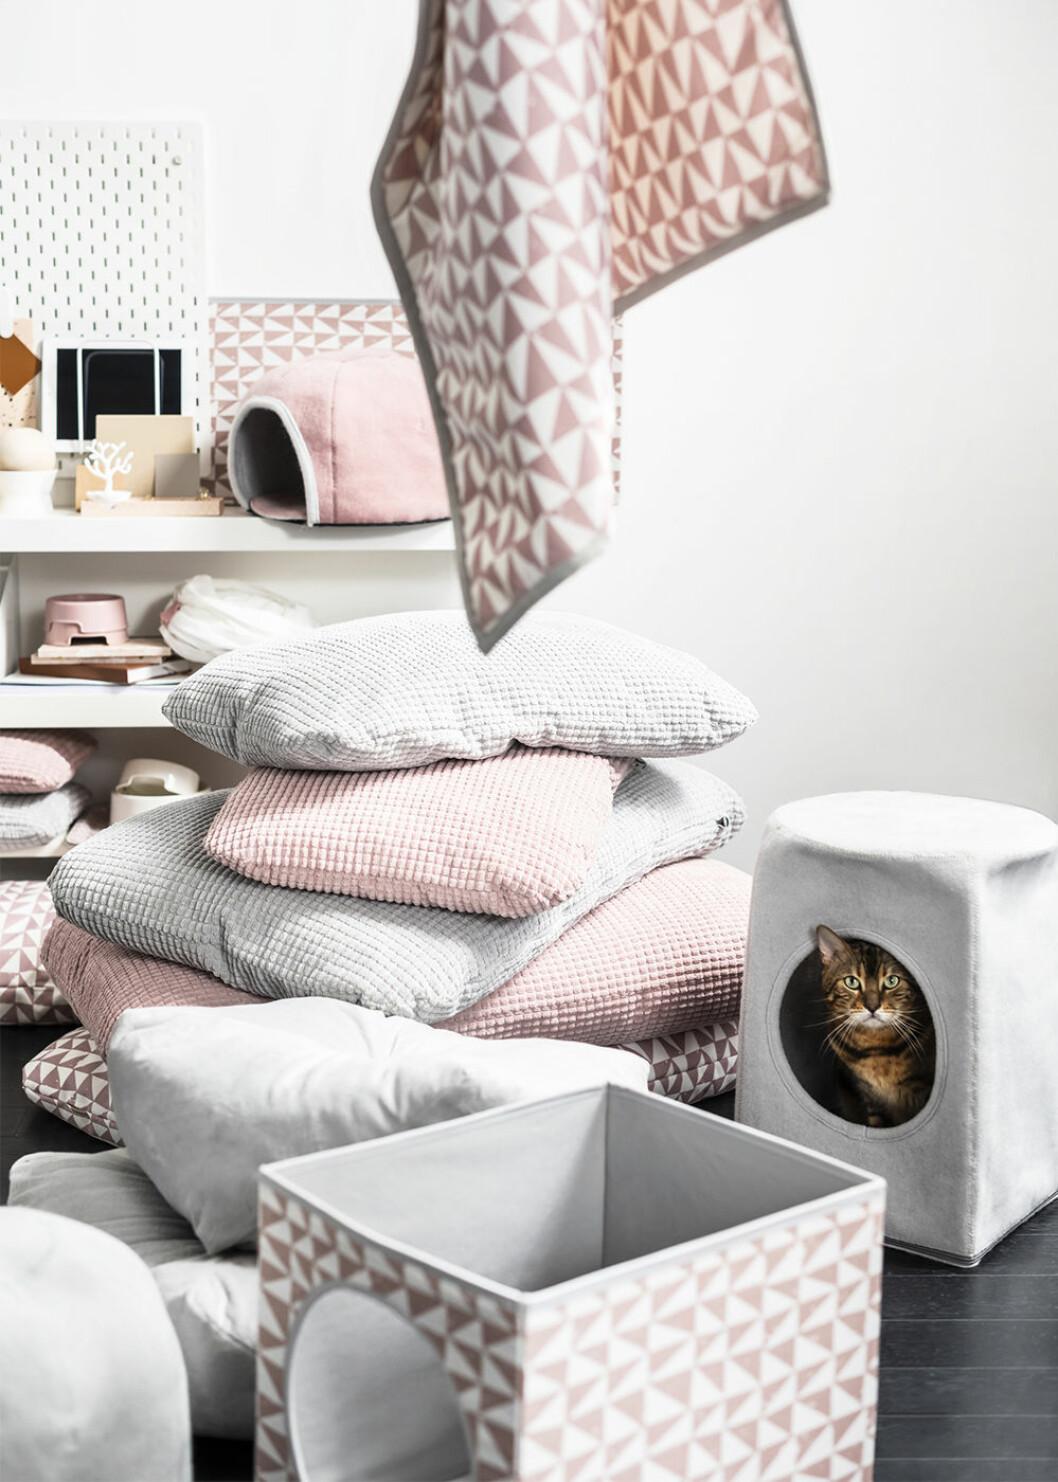 Mysiga textilier och katthus från Ikeas Lurvig